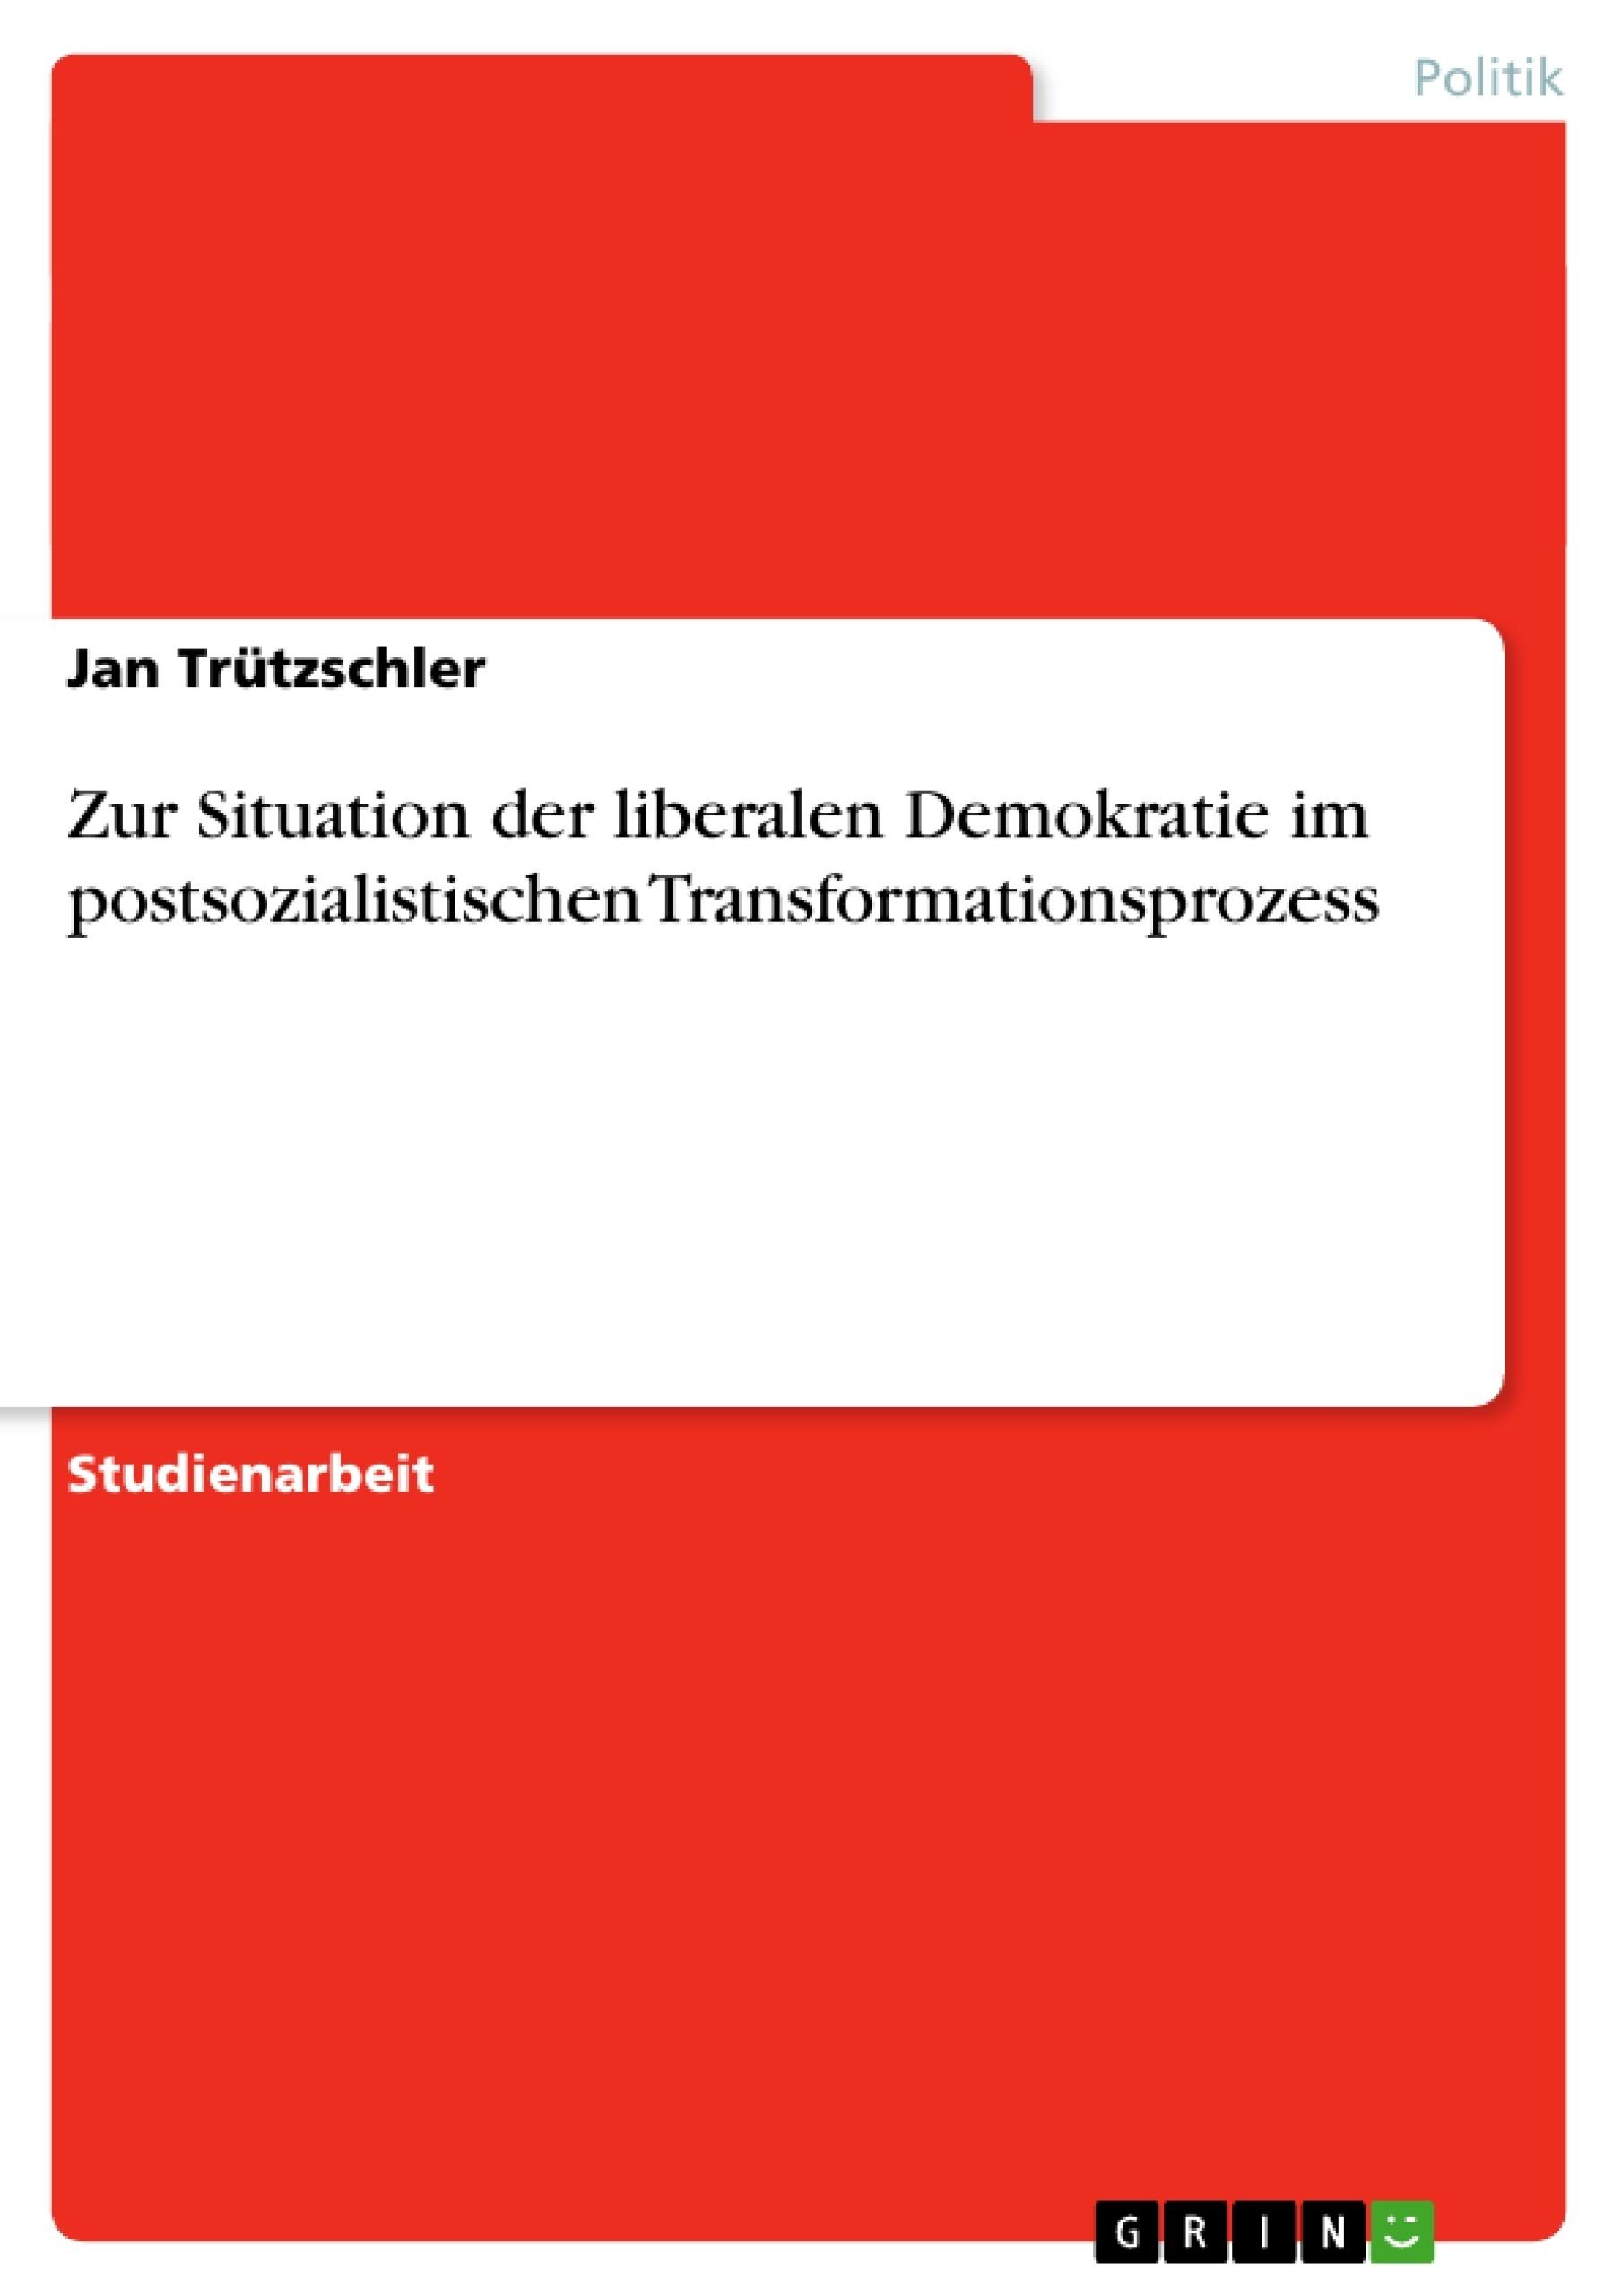 Titel: Zur Situation der liberalen Demokratie im postsozialistischen Transformationsprozess